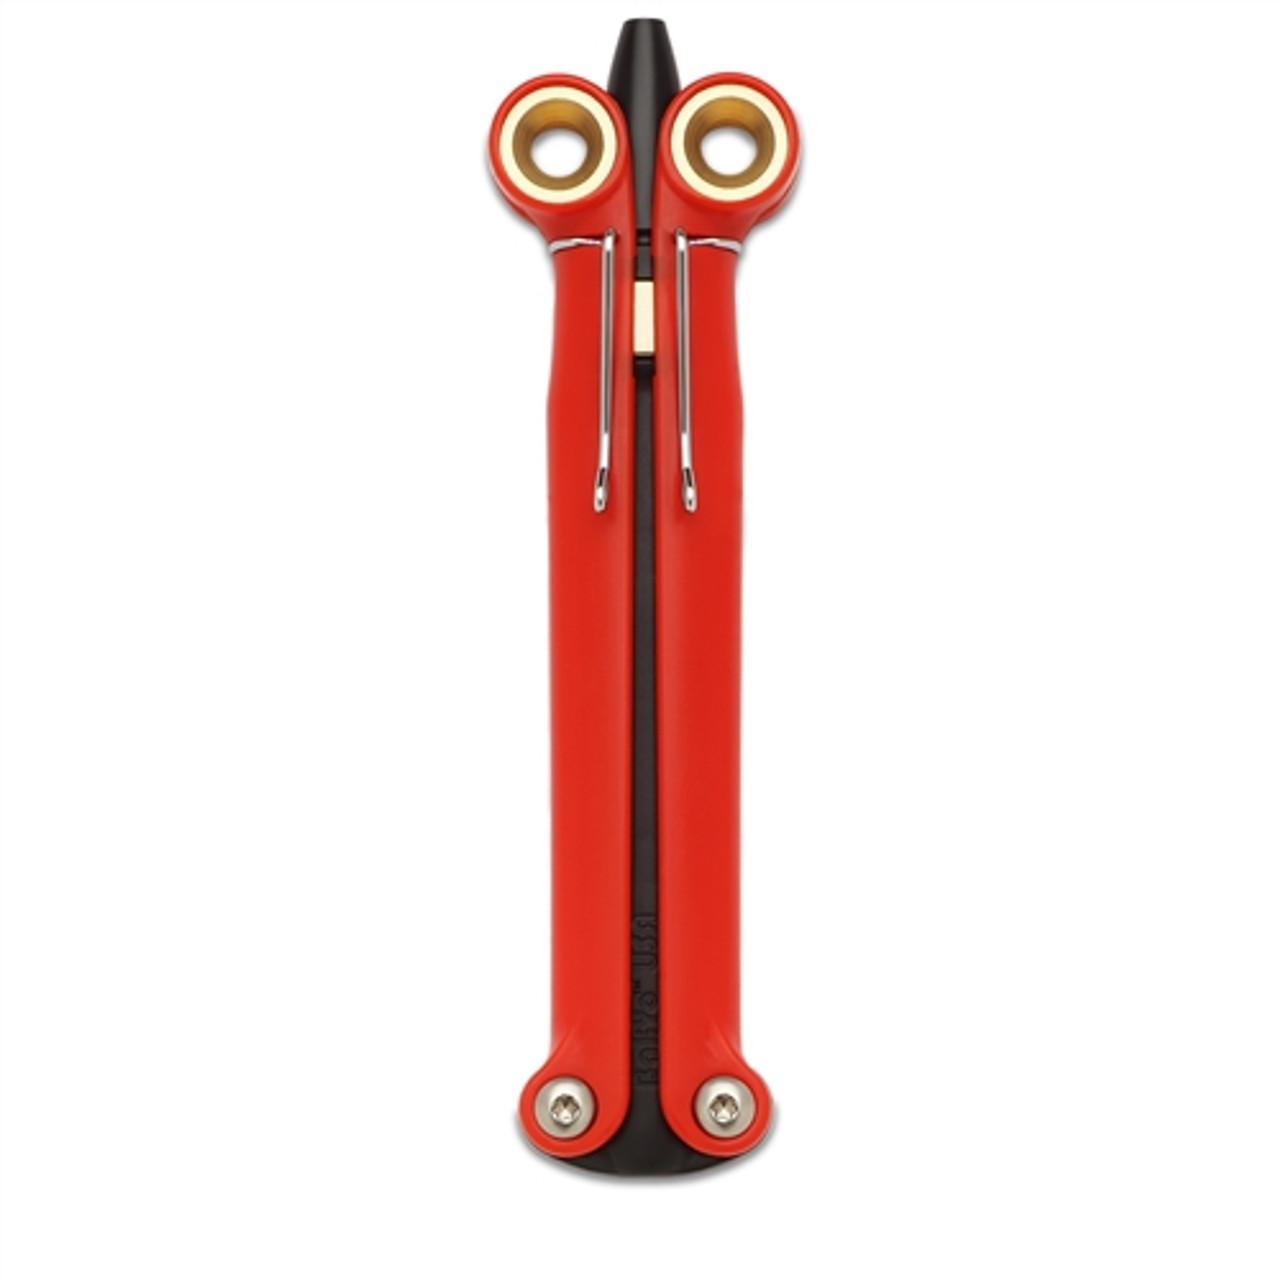 Spyderco BaliYo YUS110 Red Balisong Butterfly Pen, Black Body